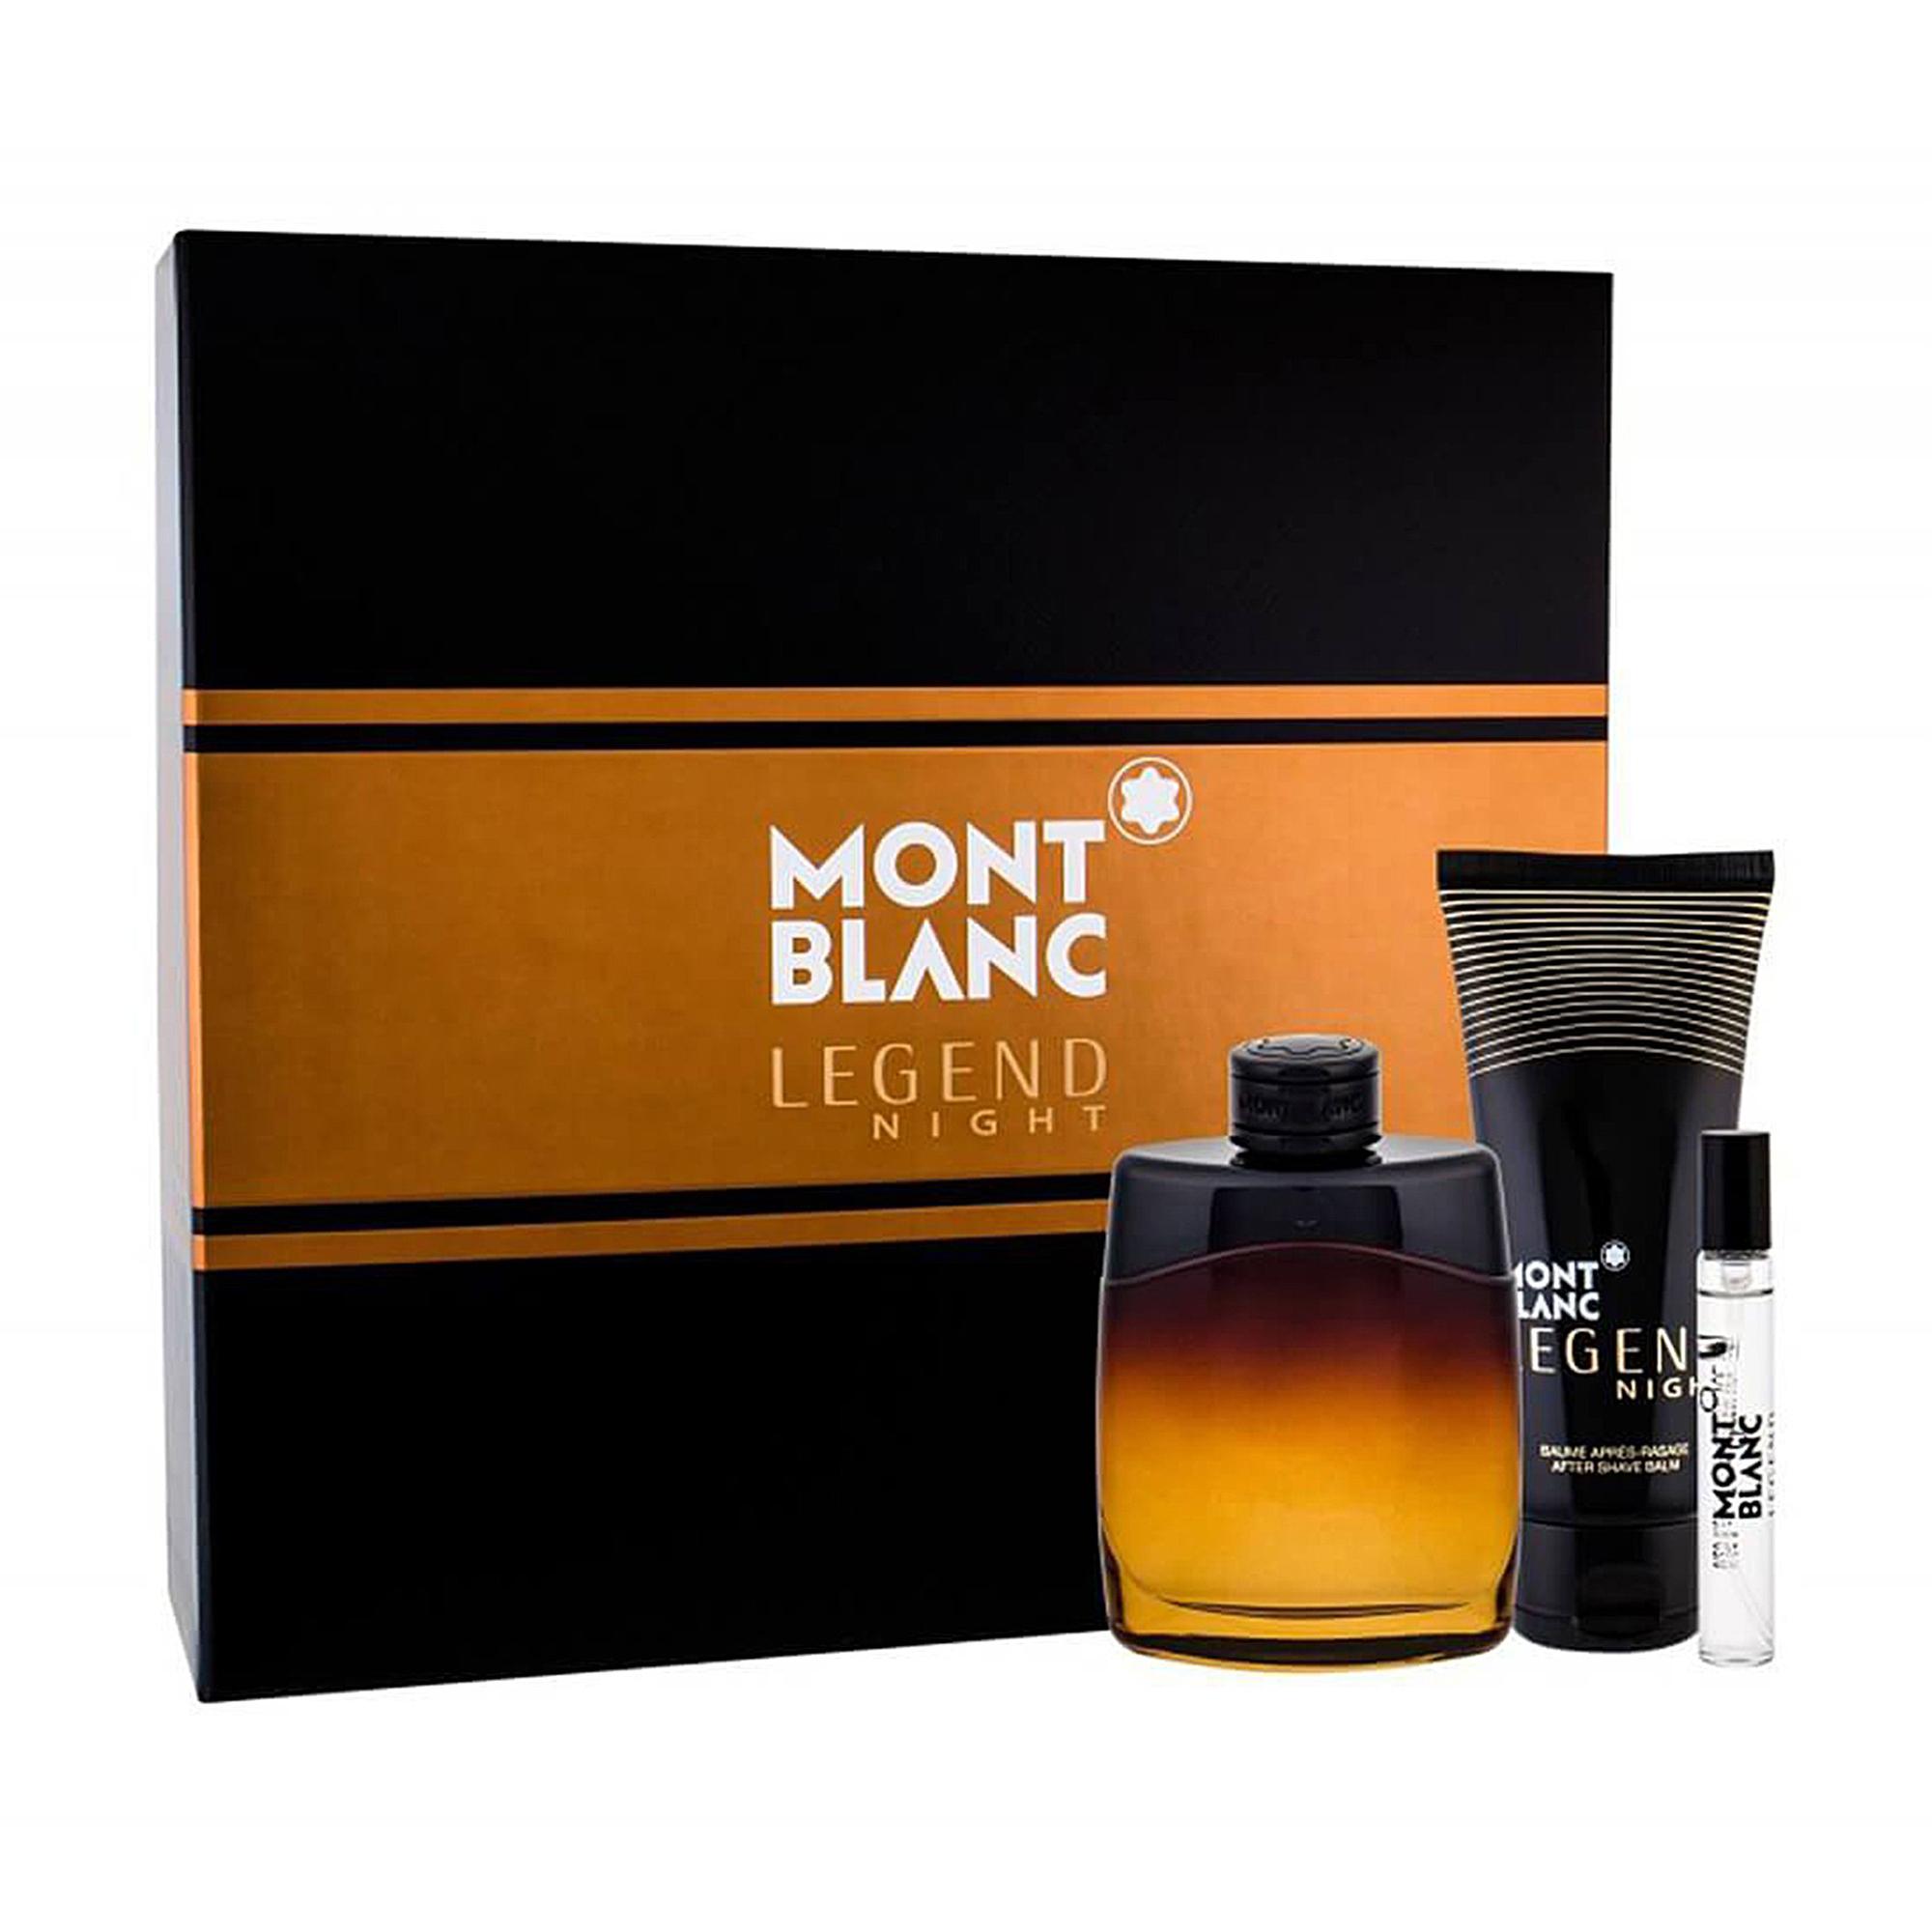 Набір чоловічий Montblanc Legend Night (парфумована вода, 100 мл + парфумована вода, 7.5 мл (мініатюра) + бальзам після гоління, 100 мл)